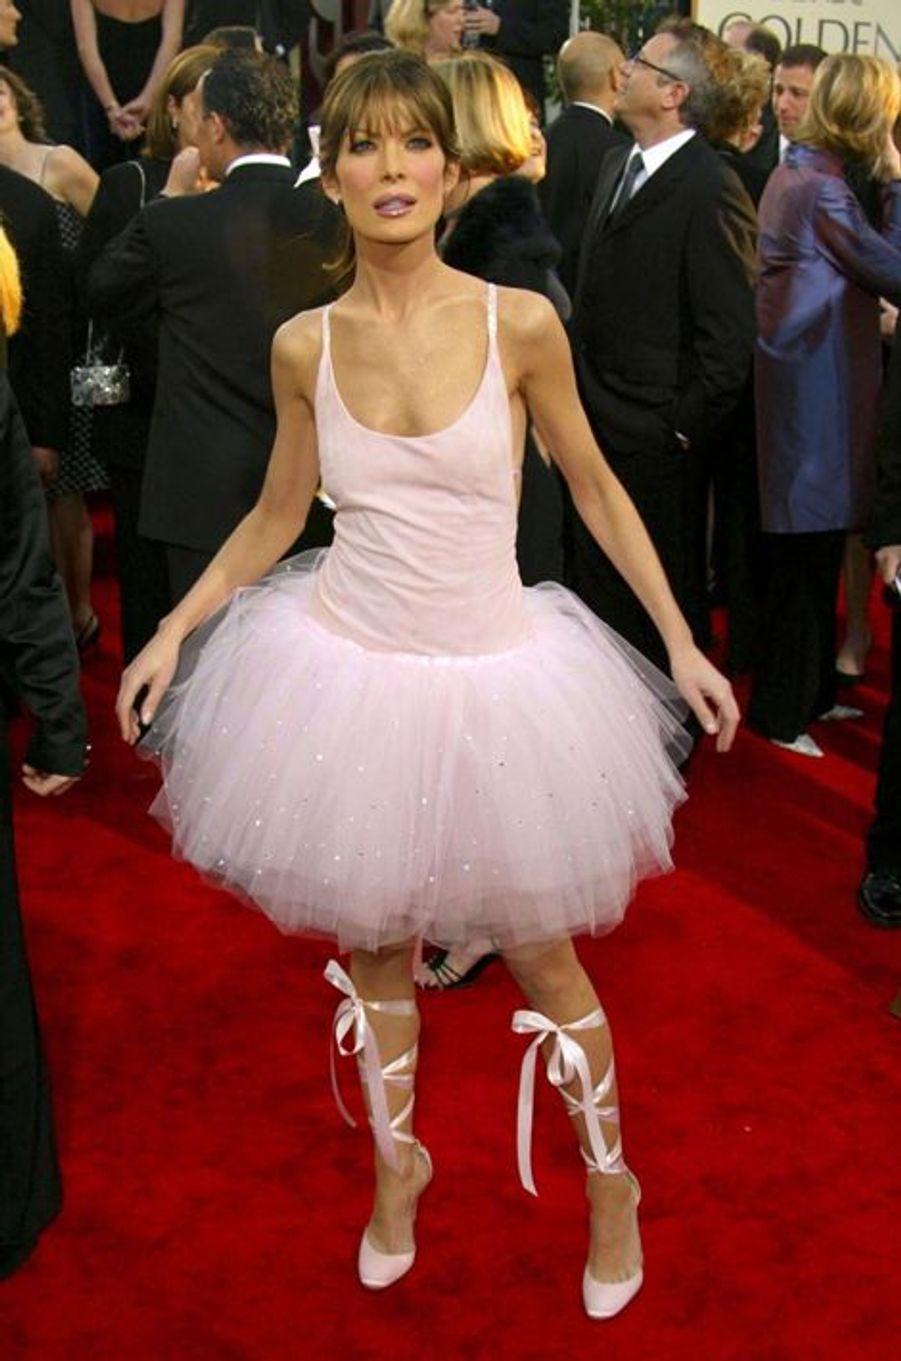 Lara Flynn Boyle aux Golden Globes en 2003